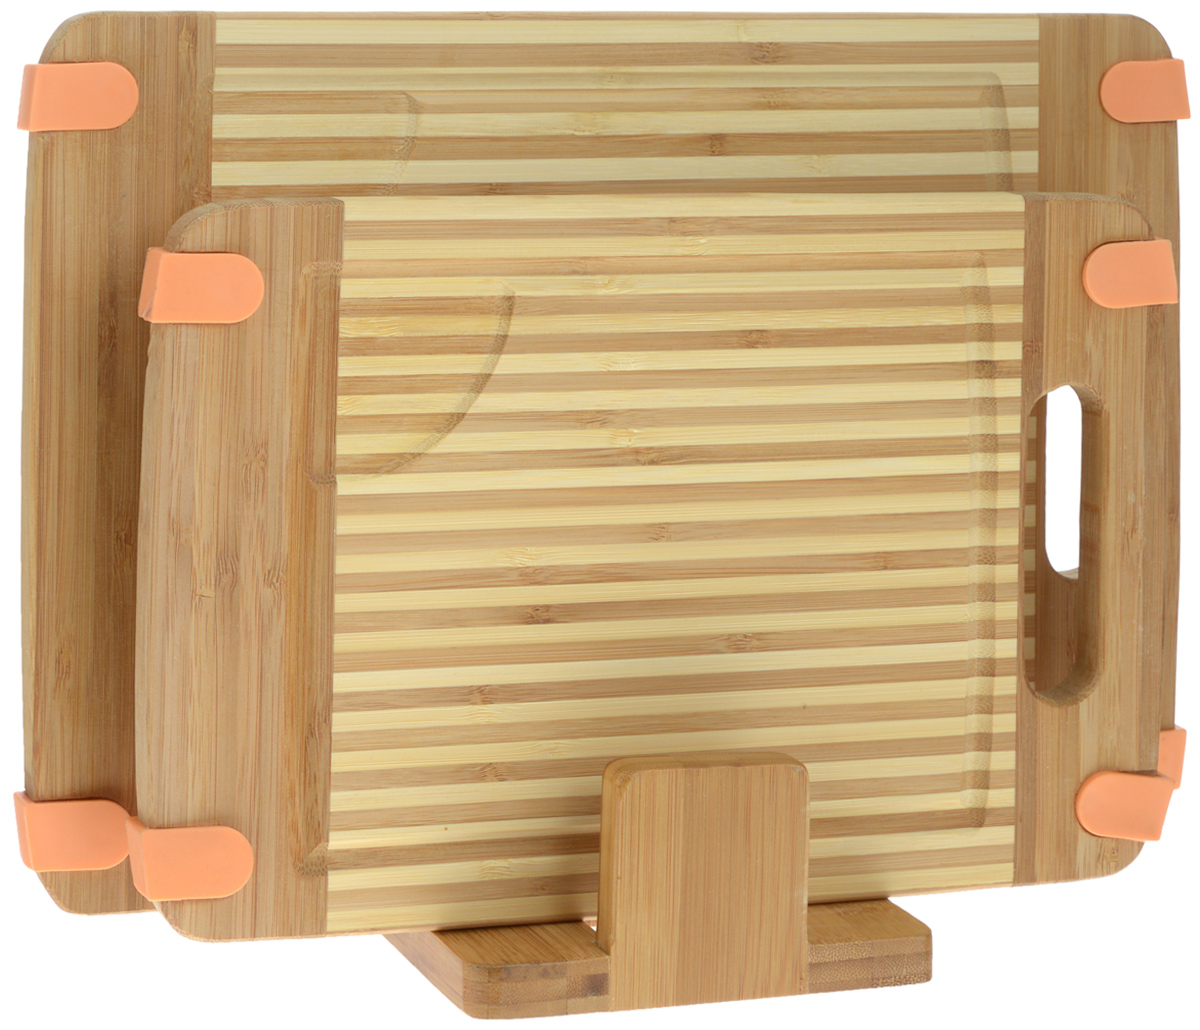 Набор разделочных досок Mayer & Boch, на подставке, 2 шт. 22590643650_белый, зеленыйНабор Mayer & Boch состоит из двух прямоугольных разделочных досок и подставки. Изделия выполнены из экологически чистого бамбука. Бамбук является возобновляемым ресурсом, что делает его безопасным для использования. Не содержит красителей - перманентная краска не выцветает и не смывается. Бамбук впитывает влагу в маленьких количествах и обладает естественными антибактериальными свойствами. Доски отлично подходят для приготовления и измельчения пищи, а также для сервировки стола. Специальные силиконовые накладки предотвращают скольжение. Доски снабжены ручкой для комфортного использования, а также выемками по краю для стока жидкости. Такой набор станет практичным и полезным приобретением для вашей кухни. Размер досок: 35 х 25 х 1,6 см; 30 х 20 х 1,6 см. Размер подставки: 15 х 13 х 6 см.